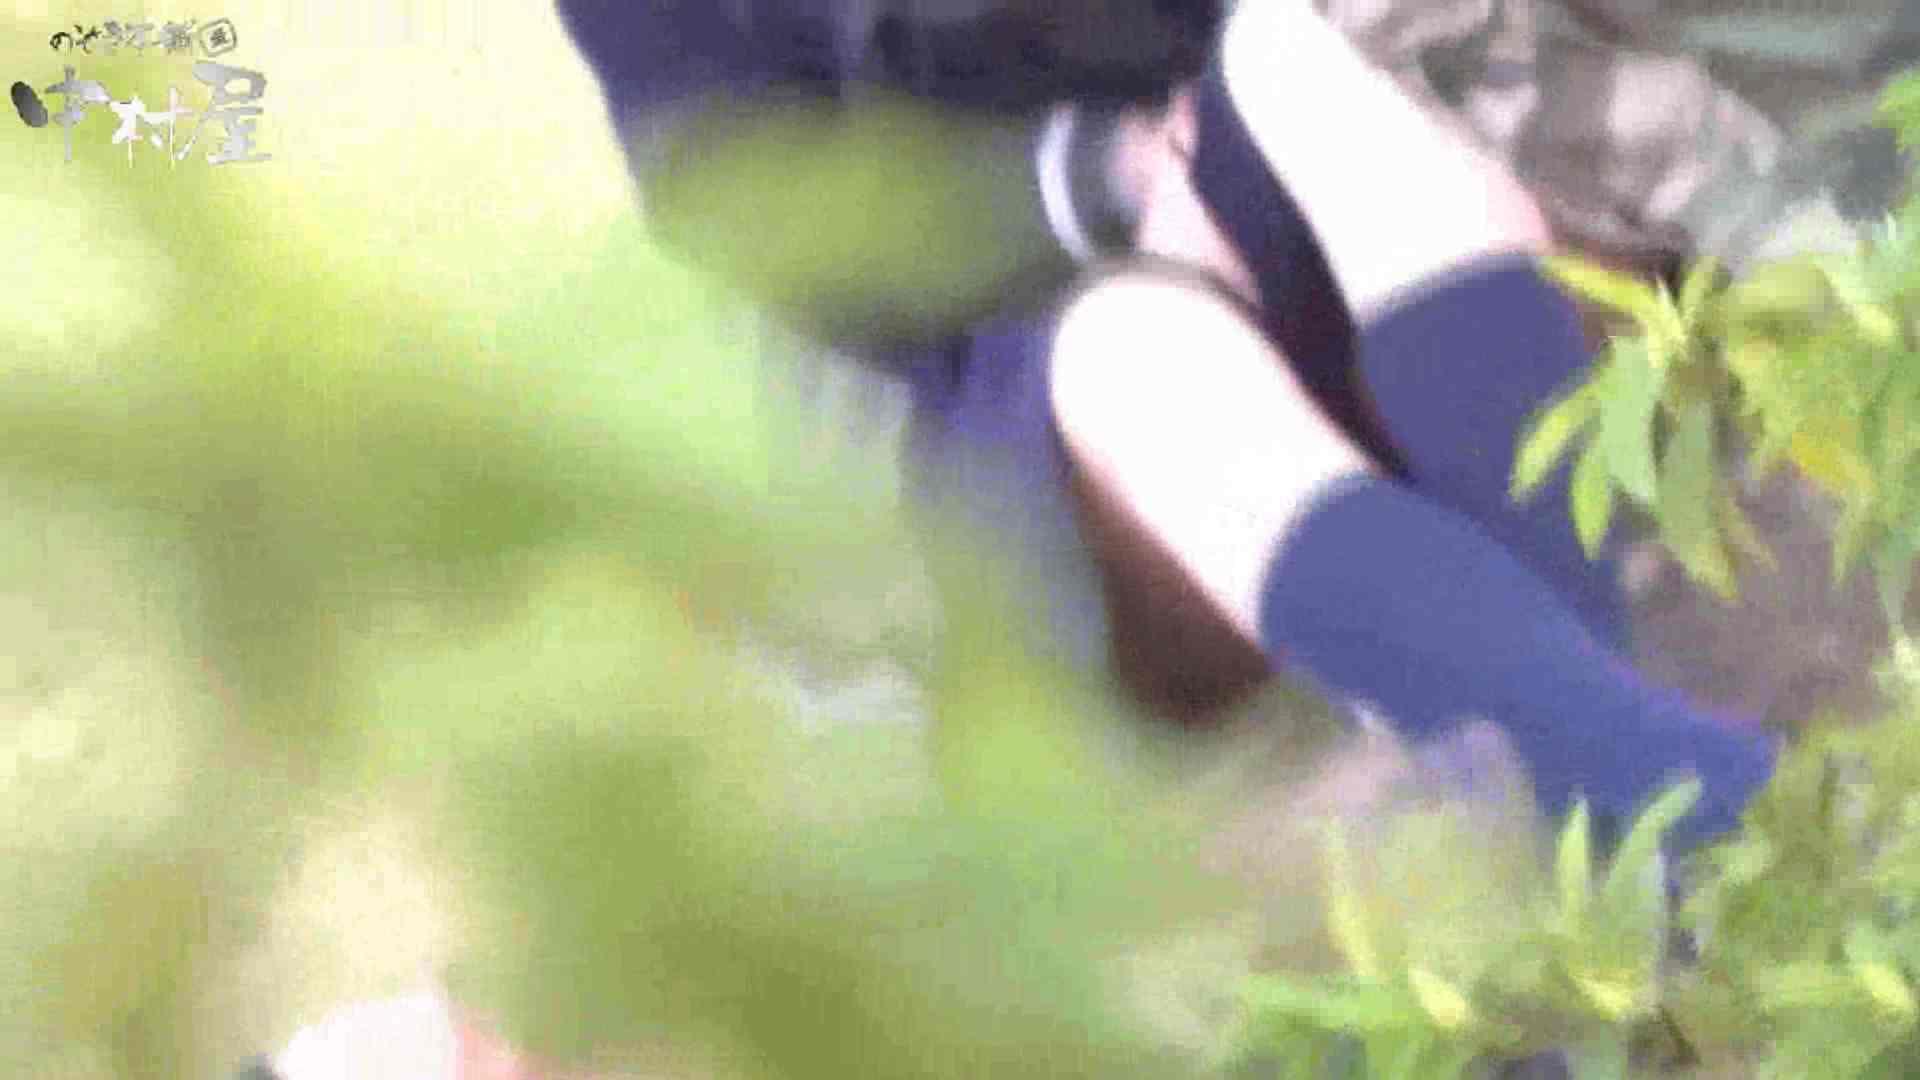 ドキドキ❤新入生パンチラ歓迎会vol.12 パンチラ | 乙女のエロ動画  78PIX 73